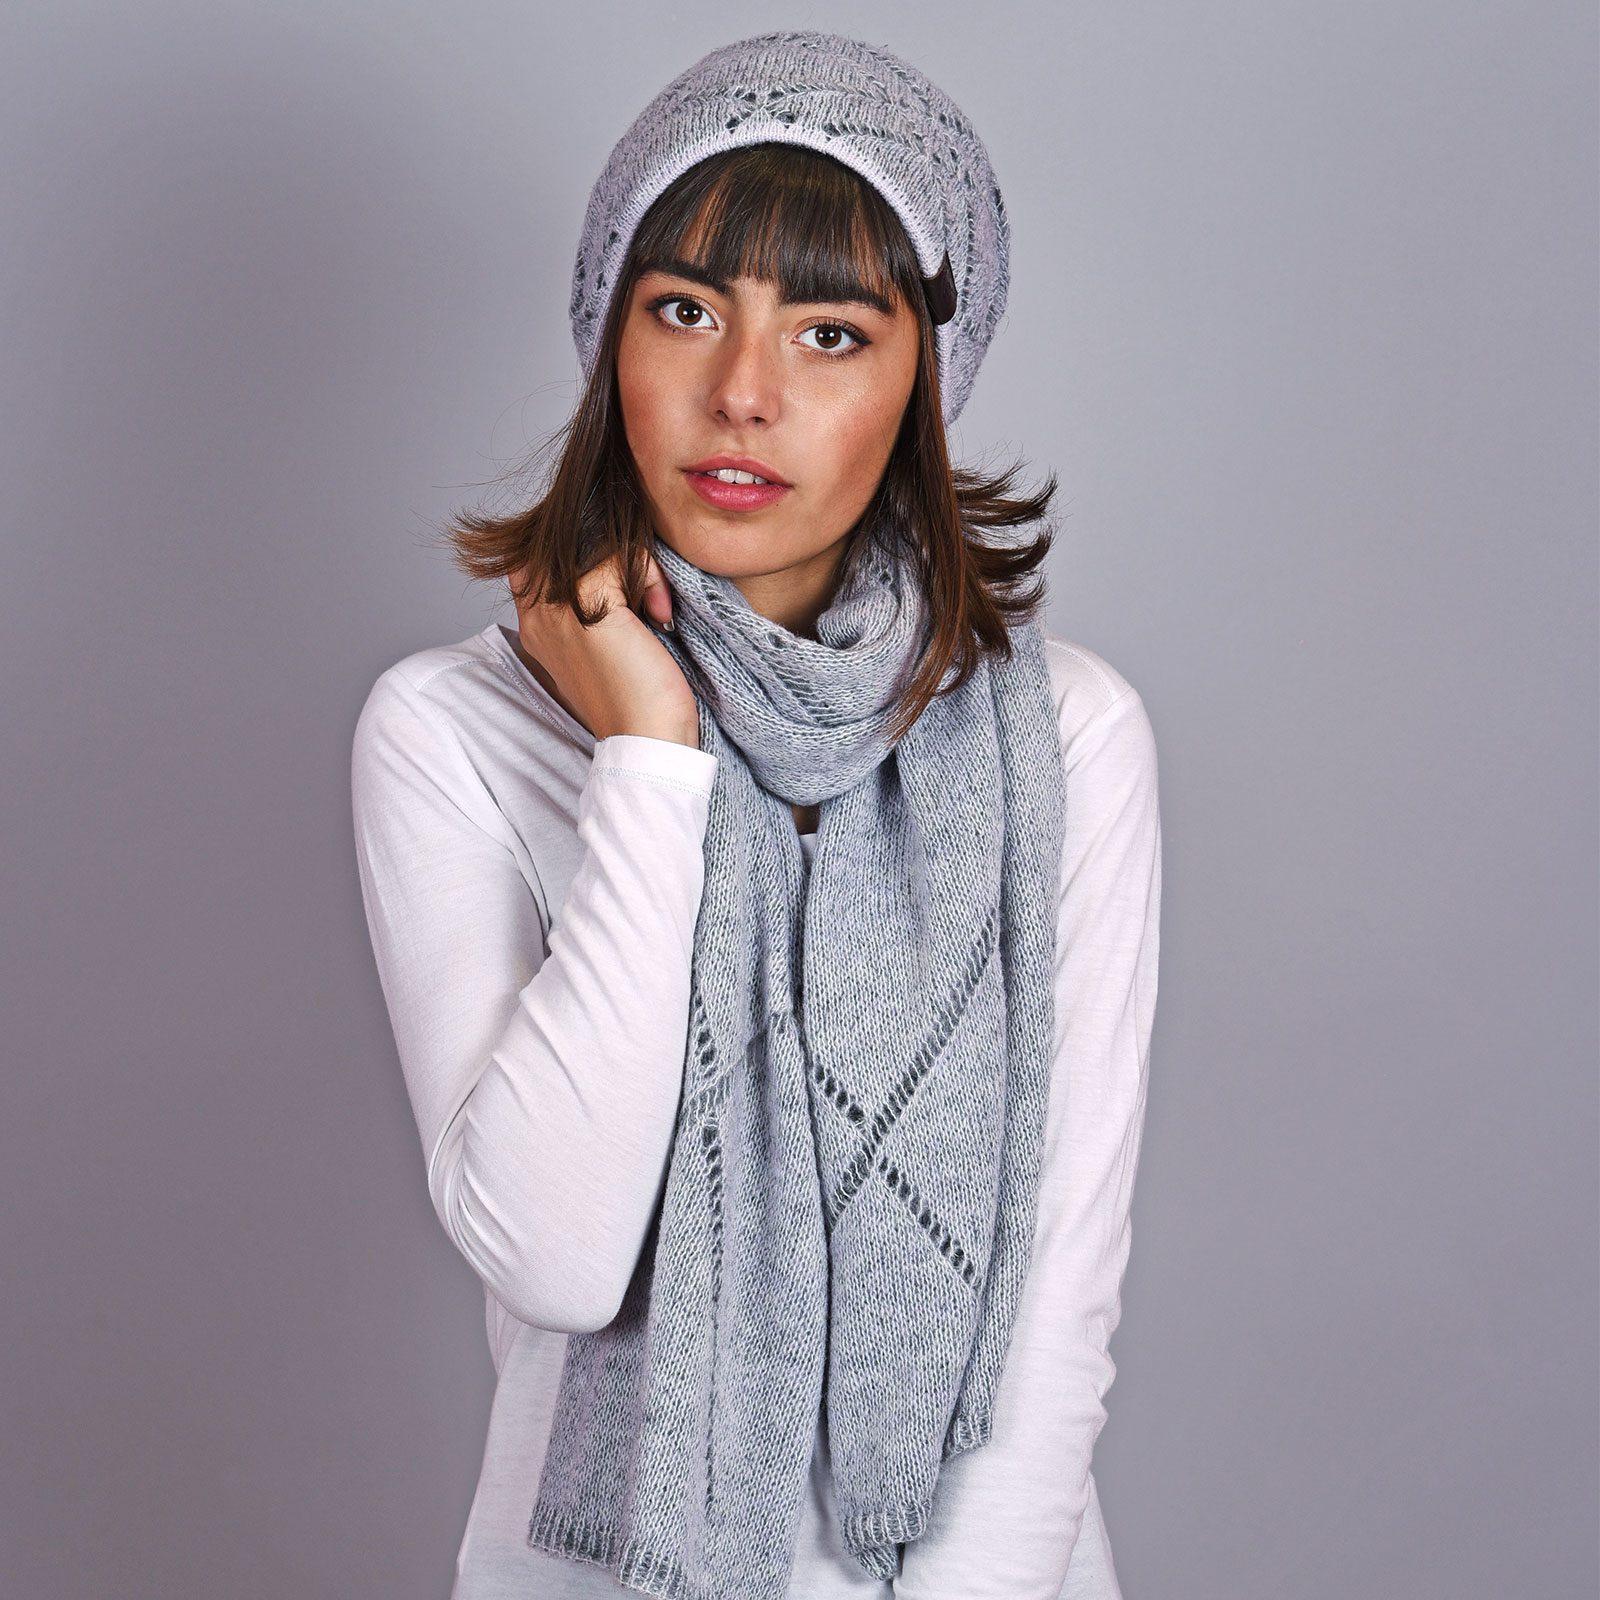 http://lookbook.allee-du-foulard.fr/wp-content/uploads/2018/12/AT-04597-VF16-bonnet-et-echarpe-gris-acier-1600x1600.jpg